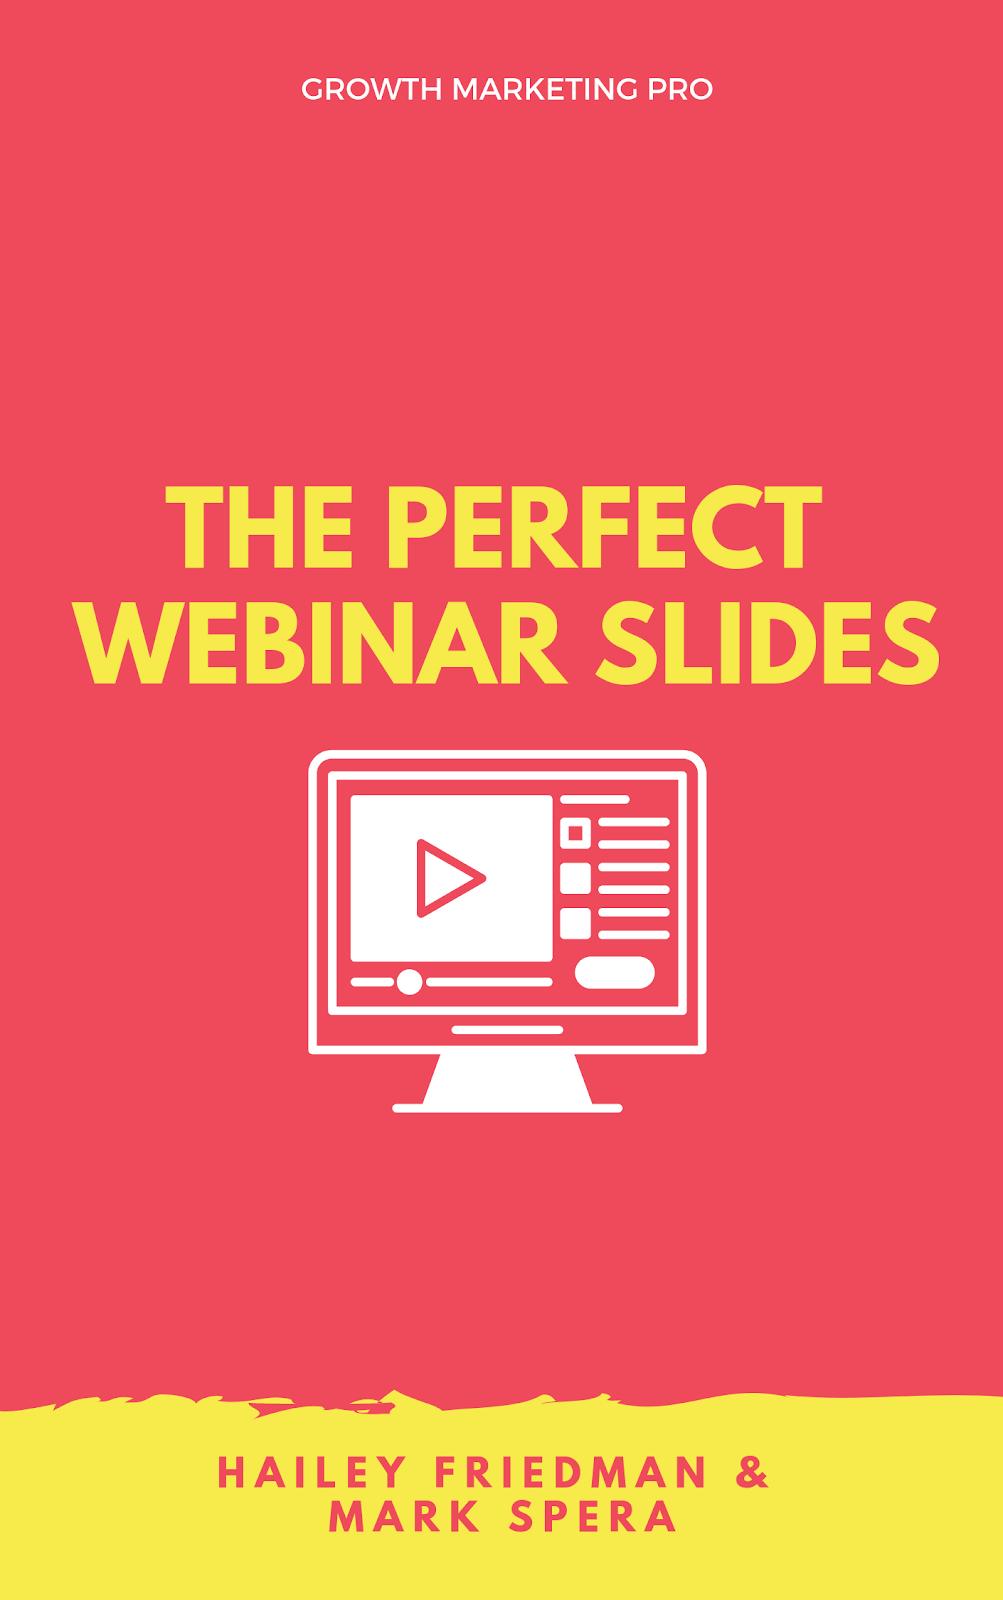 perfect webinar slides powerpoint template deck